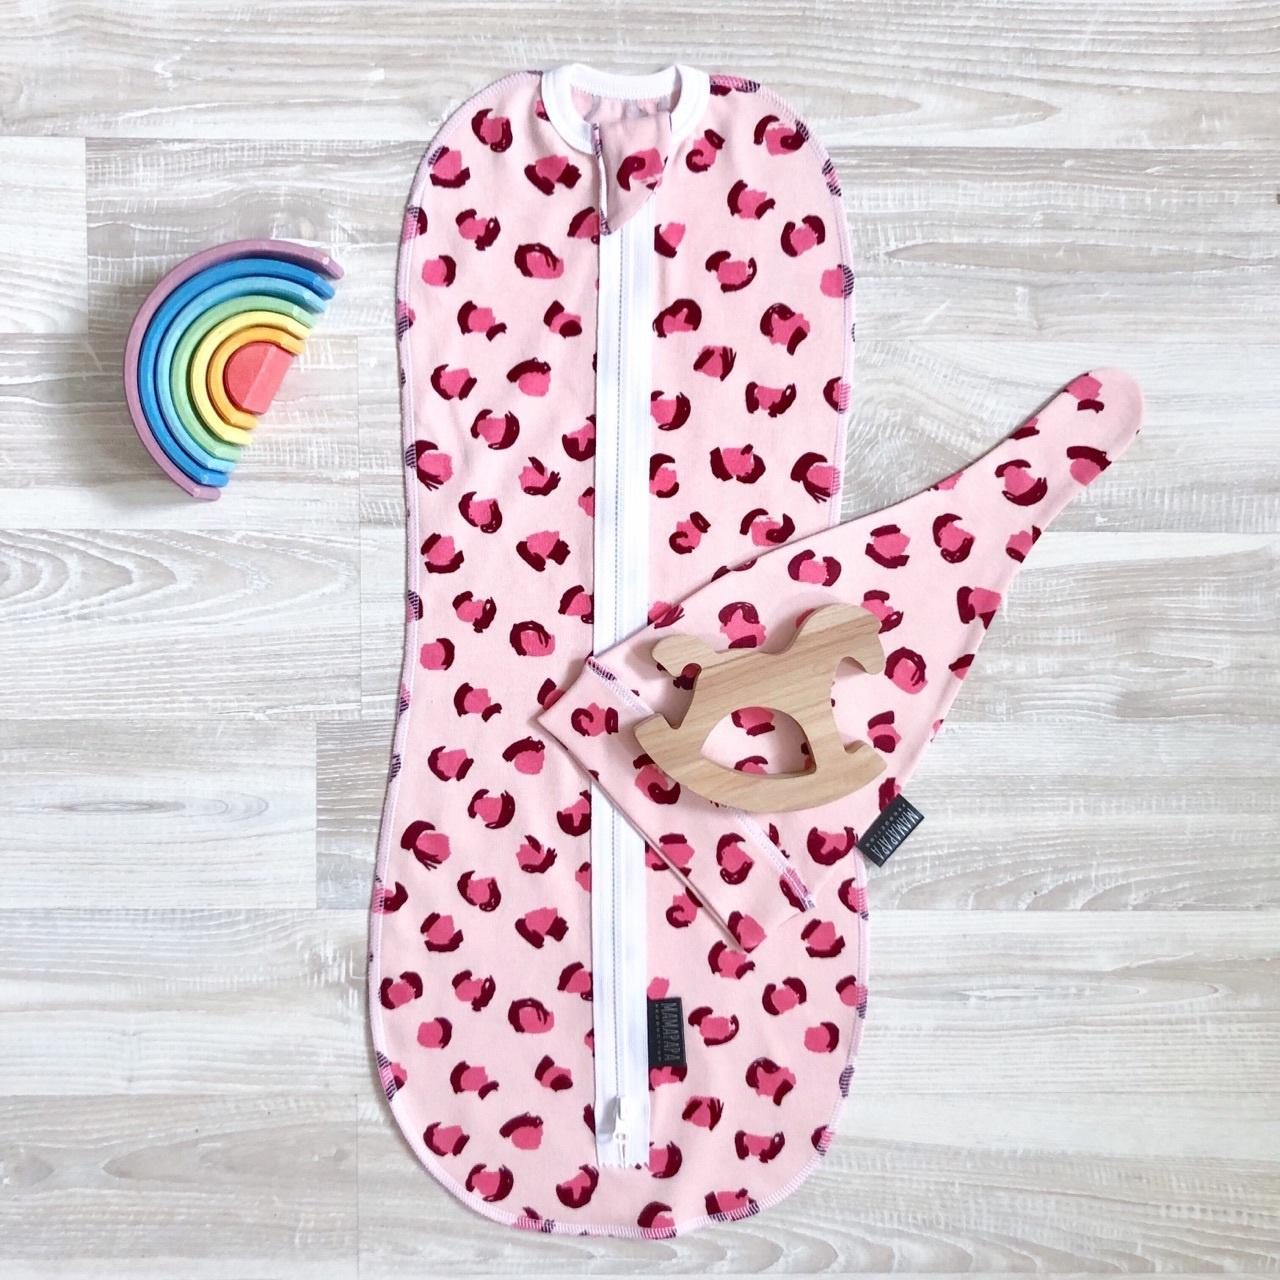 Пеленальный кокон и шапочка MamaPapa Леопард, 6-9 кг В коконе Ваш ребенок будет спокойно спать без возможности...